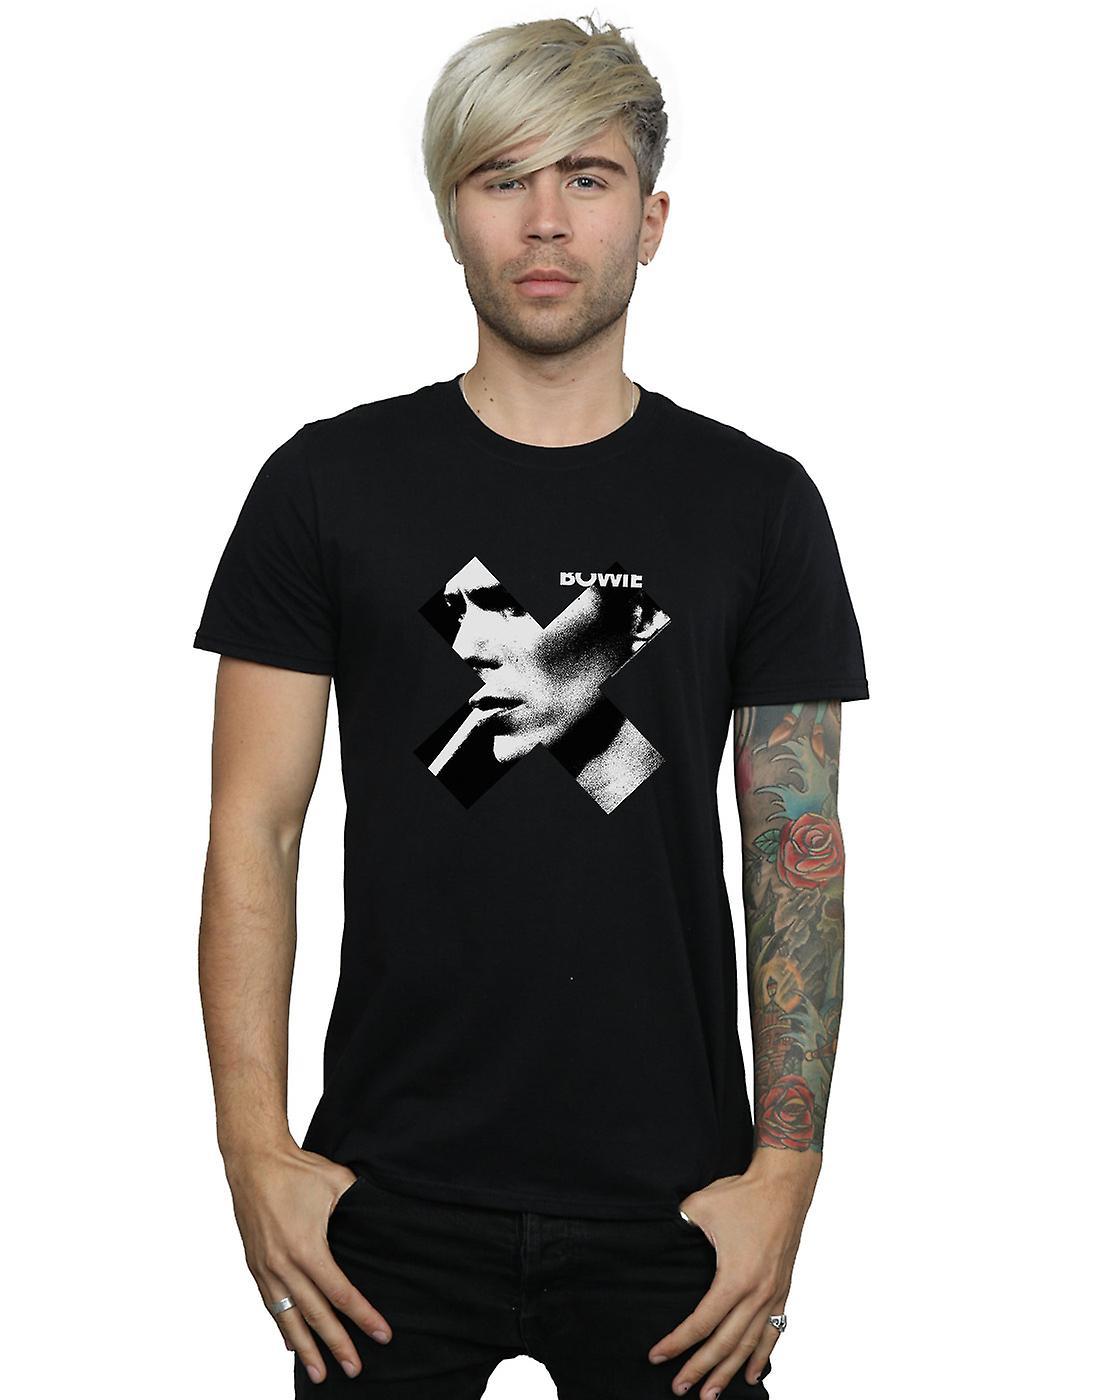 David Bowie Men S Cross Smoke T Shirt Fruugo Se